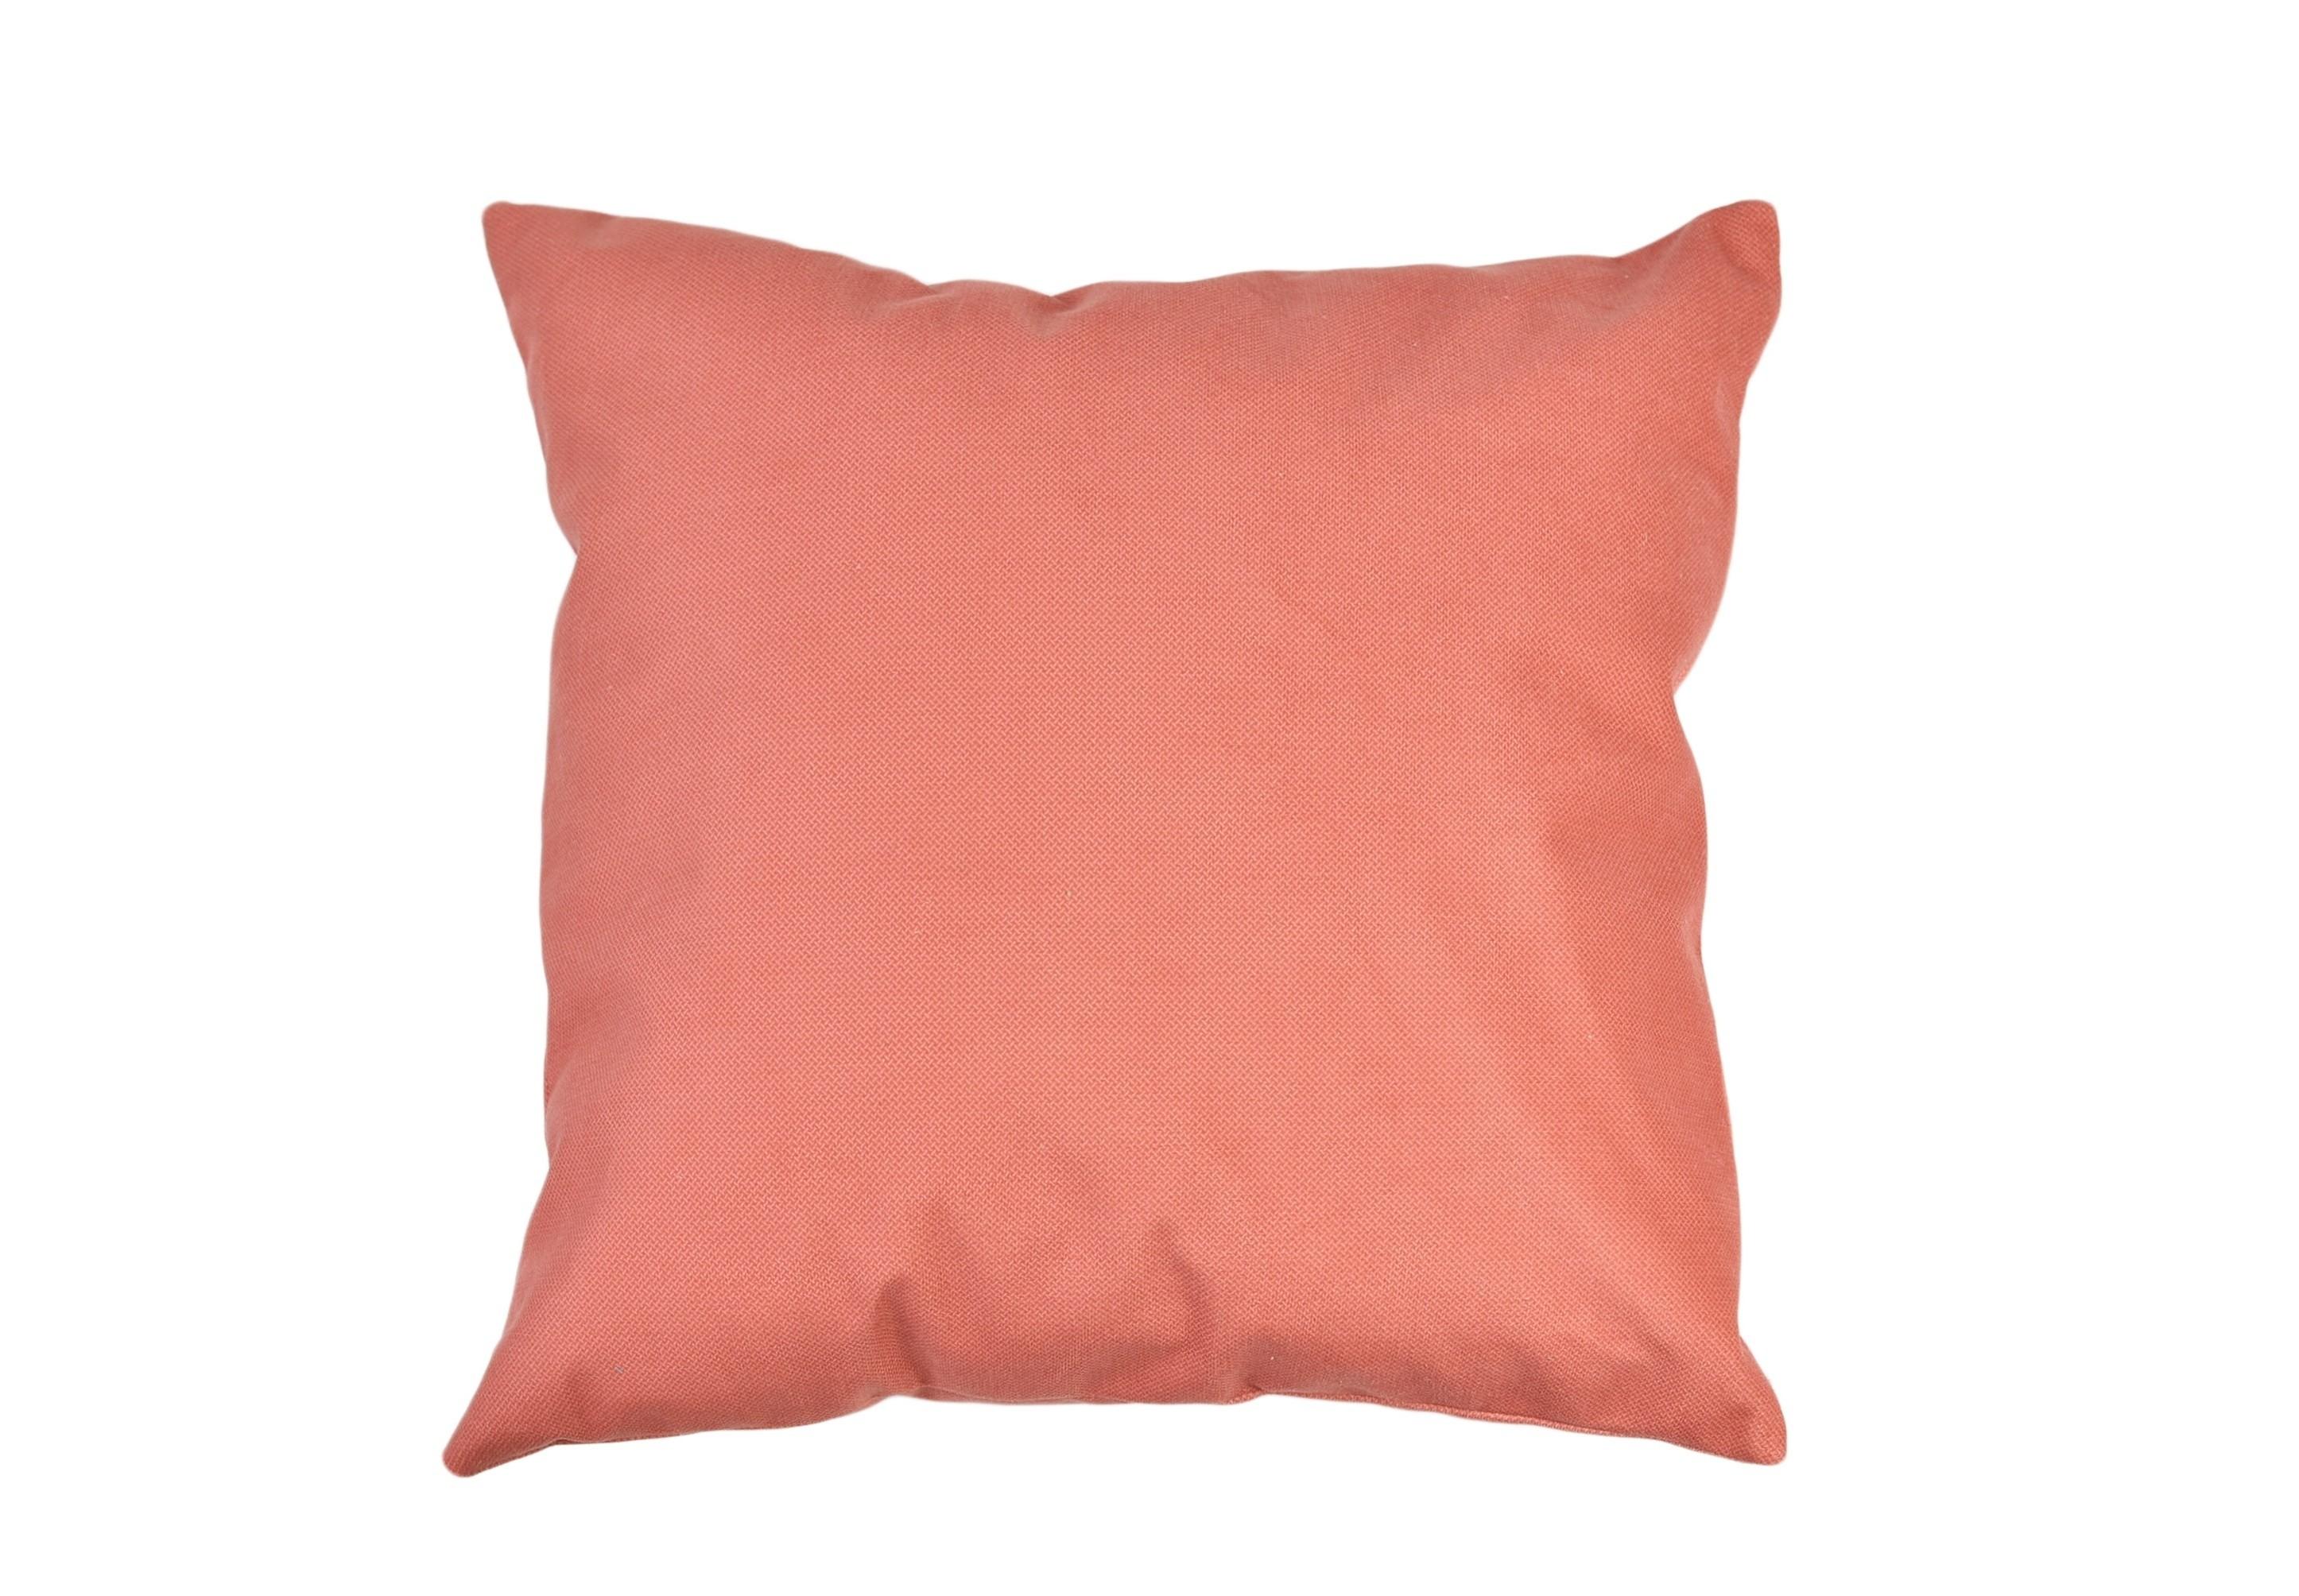 Подушка декоративная (2шт)Квадратные подушки и наволочки<br>Декоративная подушка станет ярким акцентом в вашем интерьере. Высококачественный материал приятен и безопасен даже для самой чувствительной кожи.  Оригинальная подушка сделает пространство стильным и уютным.<br><br>Material: Текстиль<br>Ширина см: 45<br>Высота см: 45